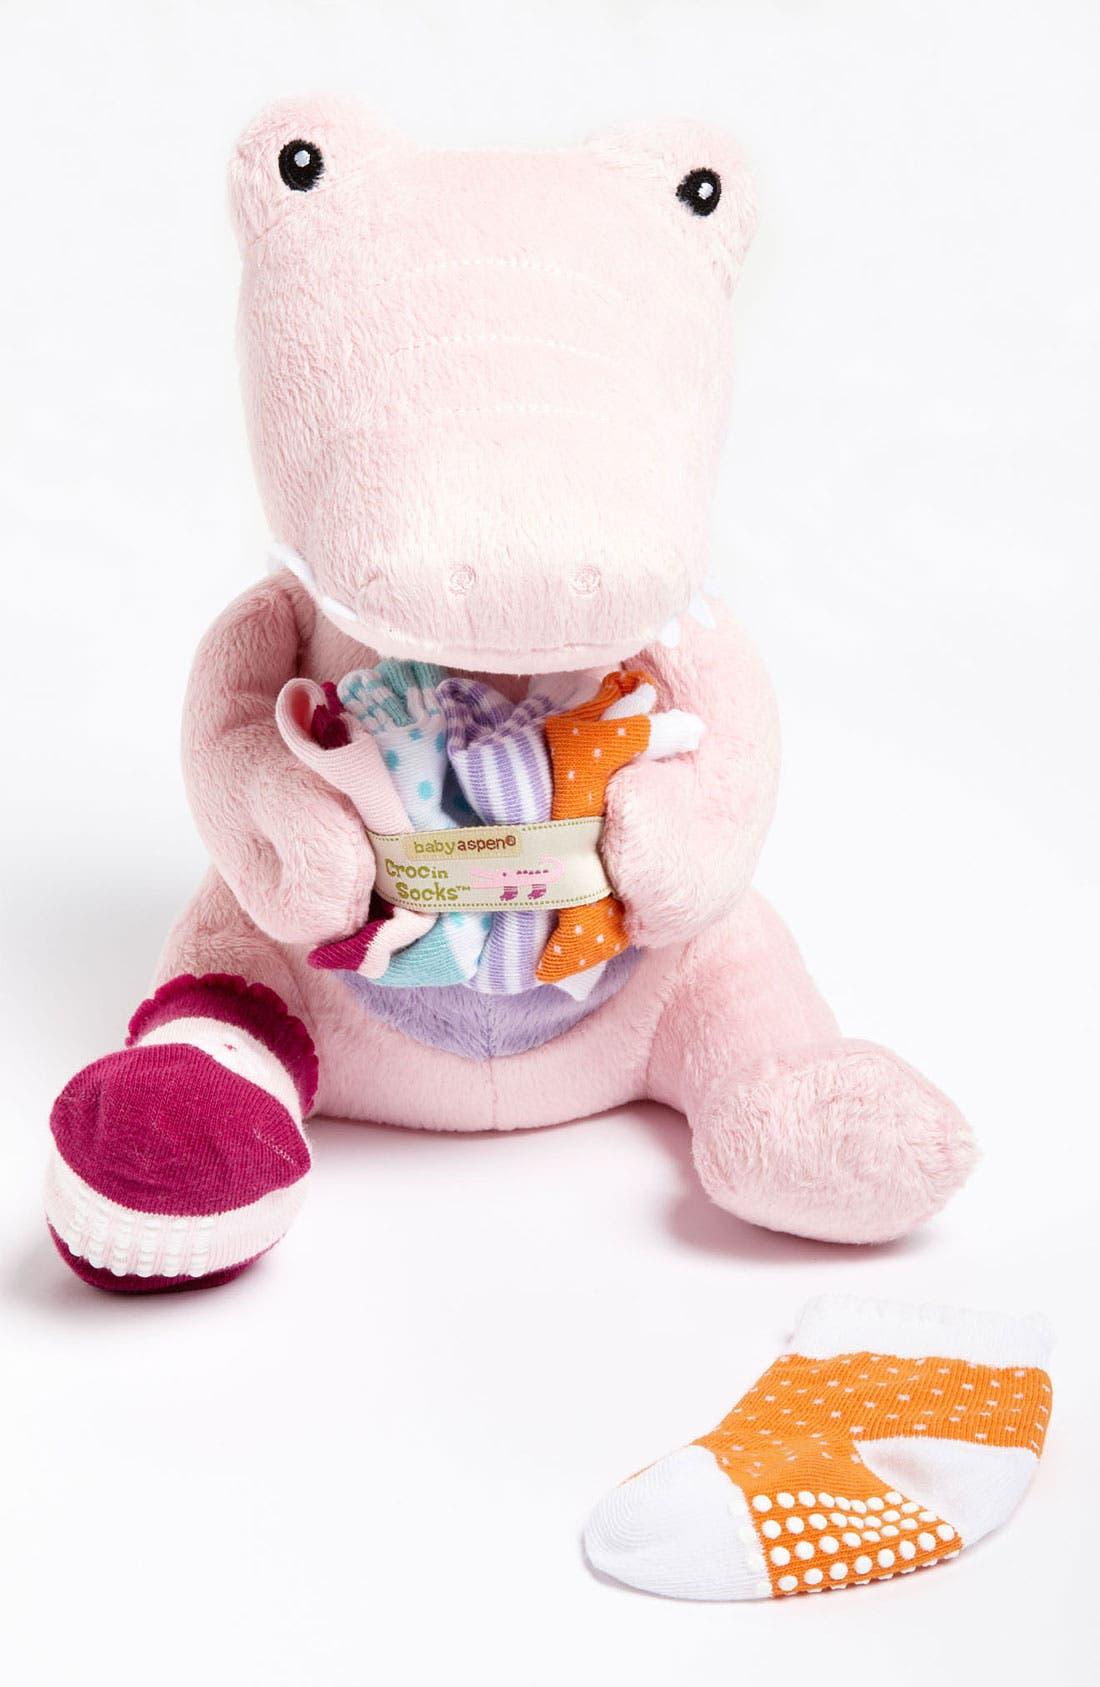 Alternate Image 1 Selected - Baby Aspen 'Croc & Socks' Stuffed Animal & Socks (4-Pack) (Infant)